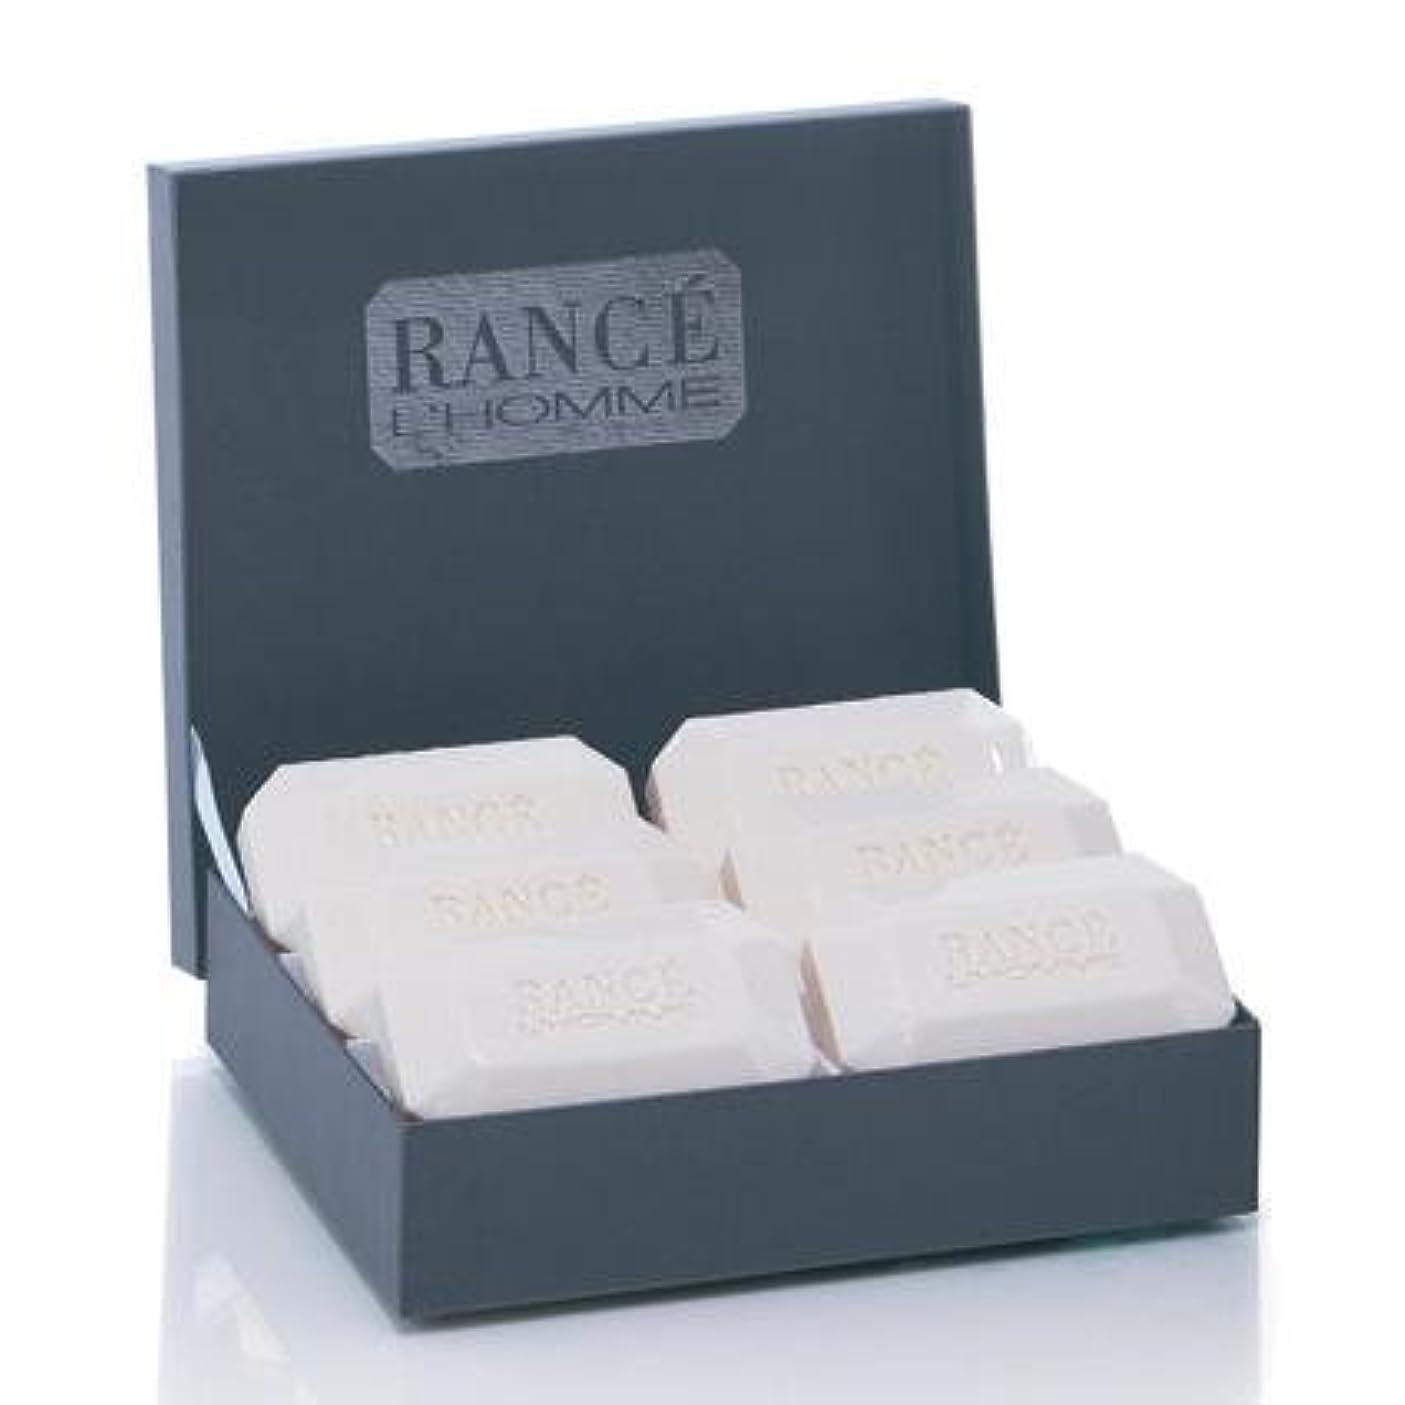 スペクトラムシリアル理想的Rancé L'Homme Soapbox(ランセ ロム ソープボックス)6 x 100g [並行輸入品]